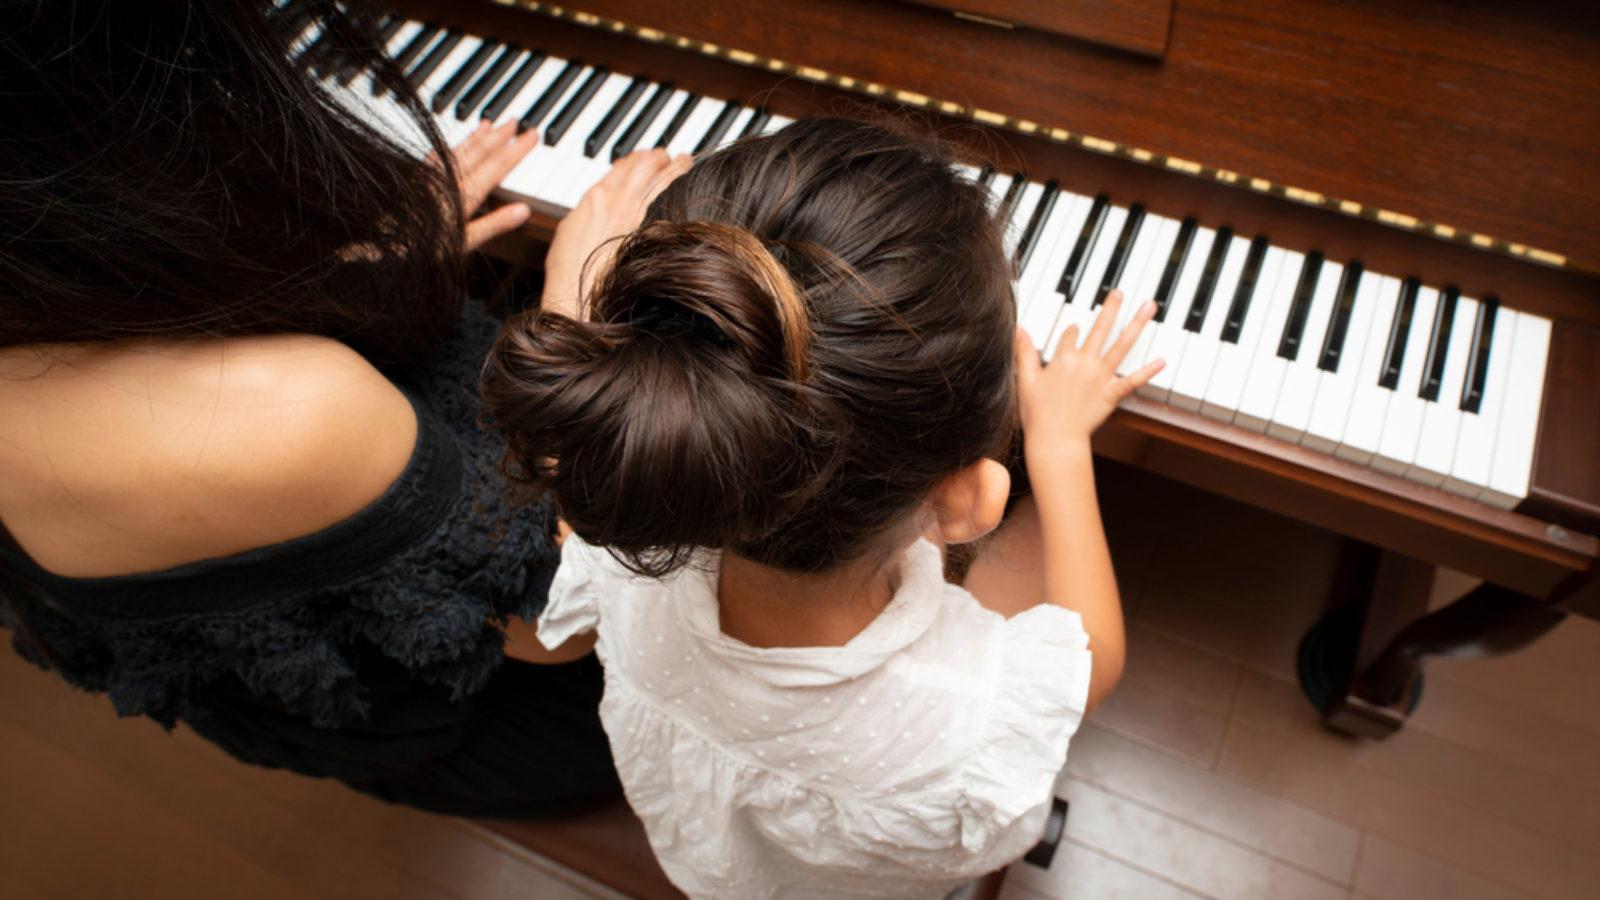 ピアノ教室やるならやっぱりグランドピアノ?→いいえ、アップライトでも開業できる